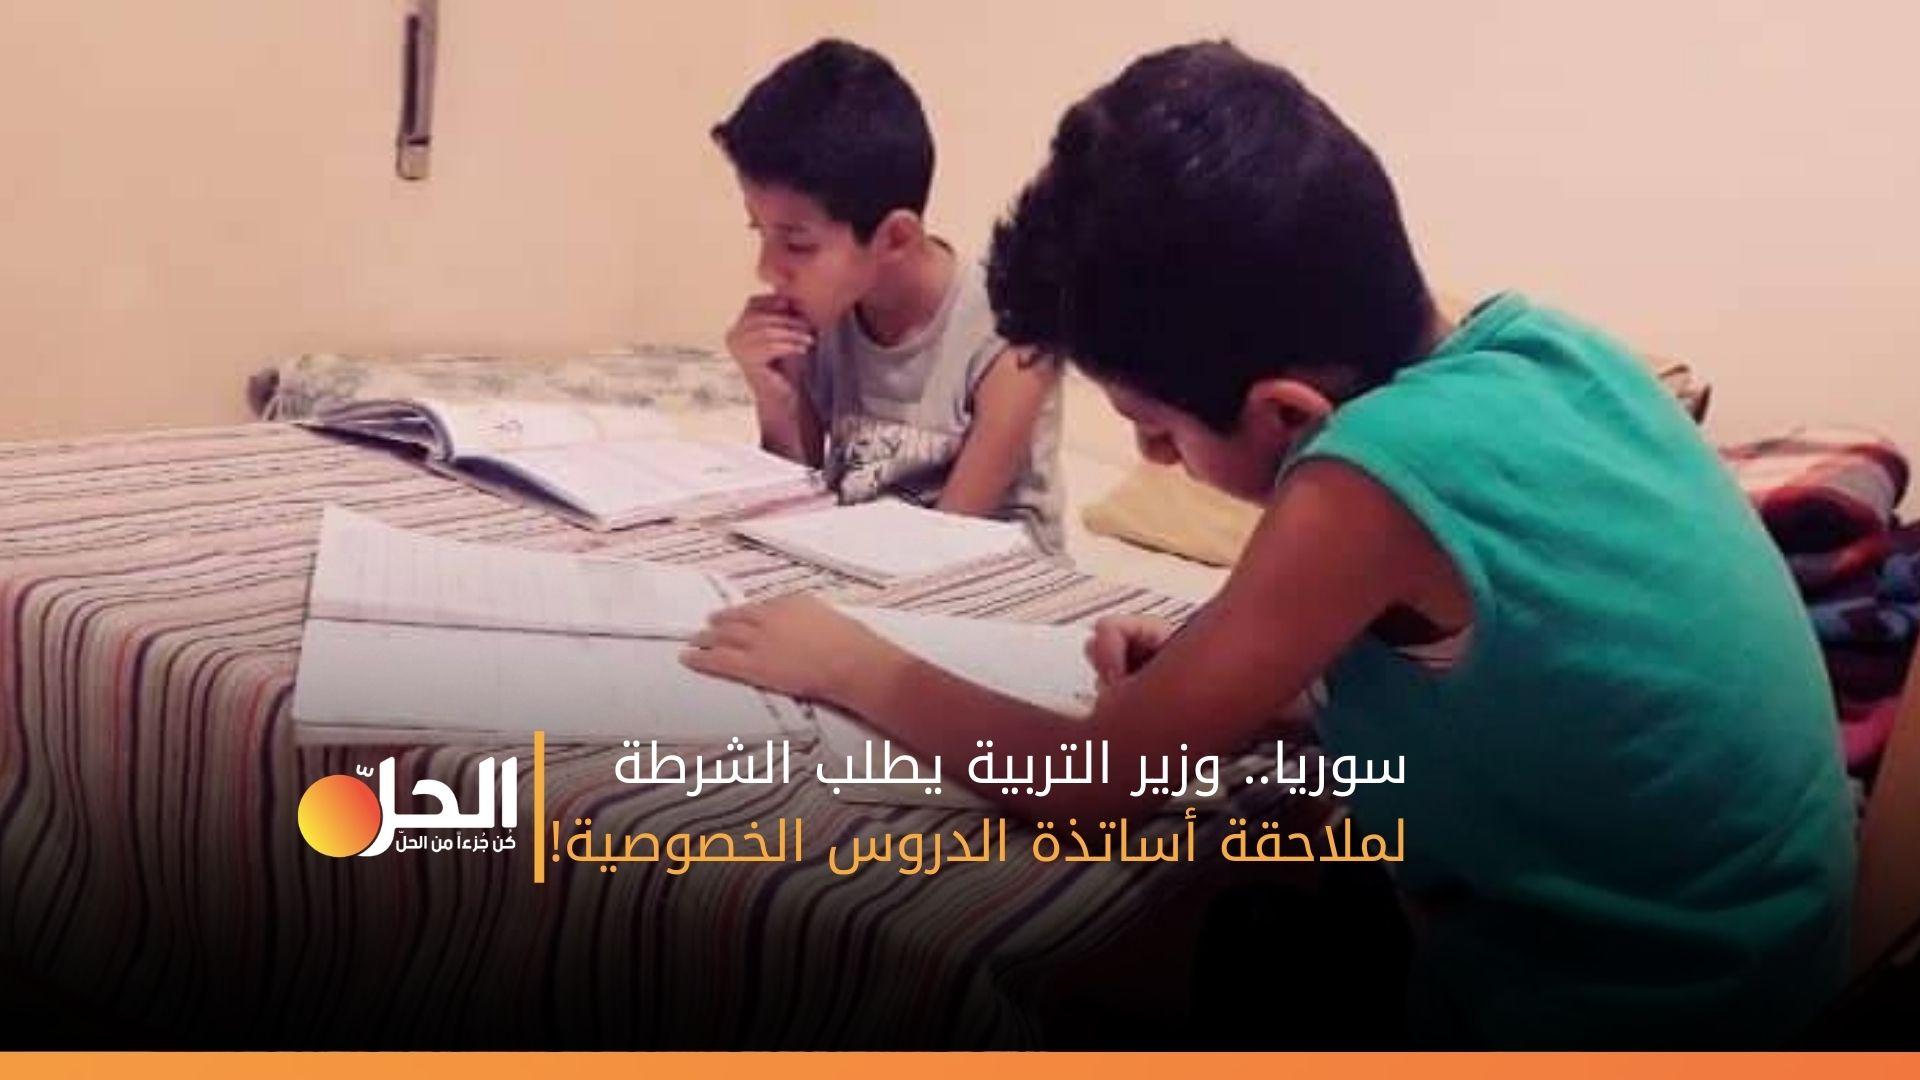 سوريا.. وزير التربية يطلب الشرطة لملاحقة أساتذة الدروس الخصوصية!